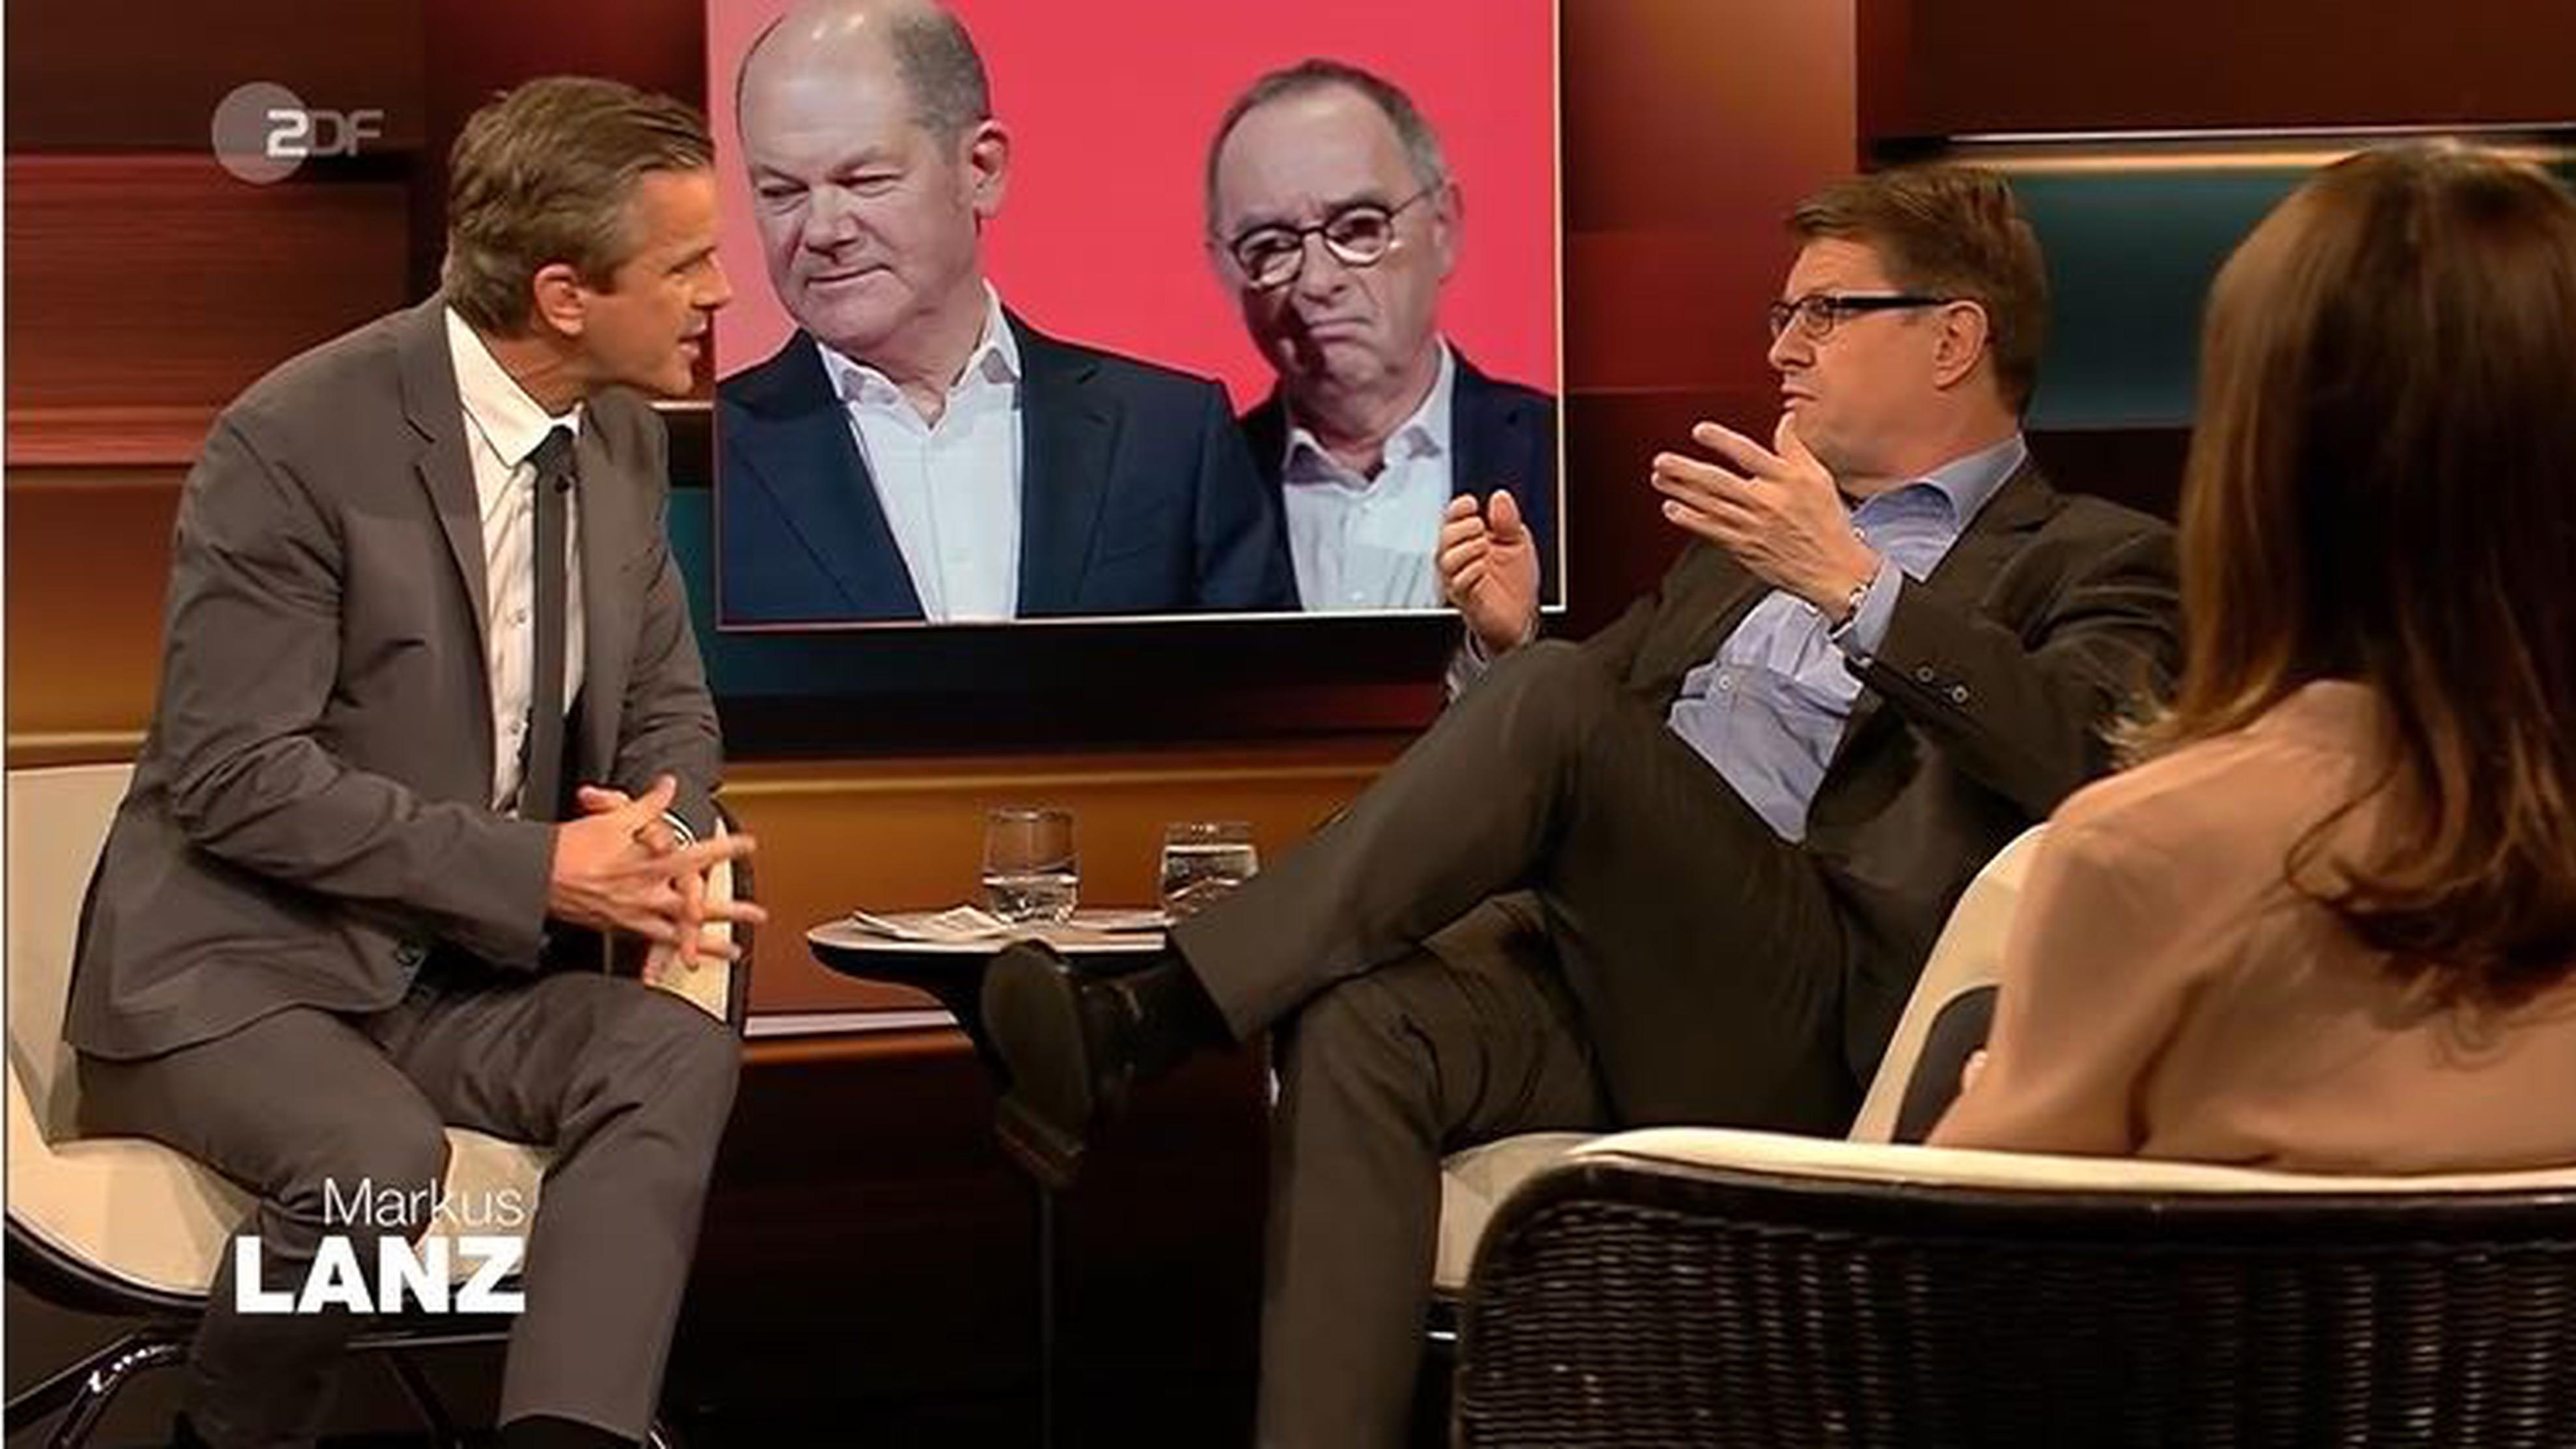 """Markus Lanz grillt SPD-Mann Ralf Stegner: """"Sehe ich aus wie ein Opfer?"""""""